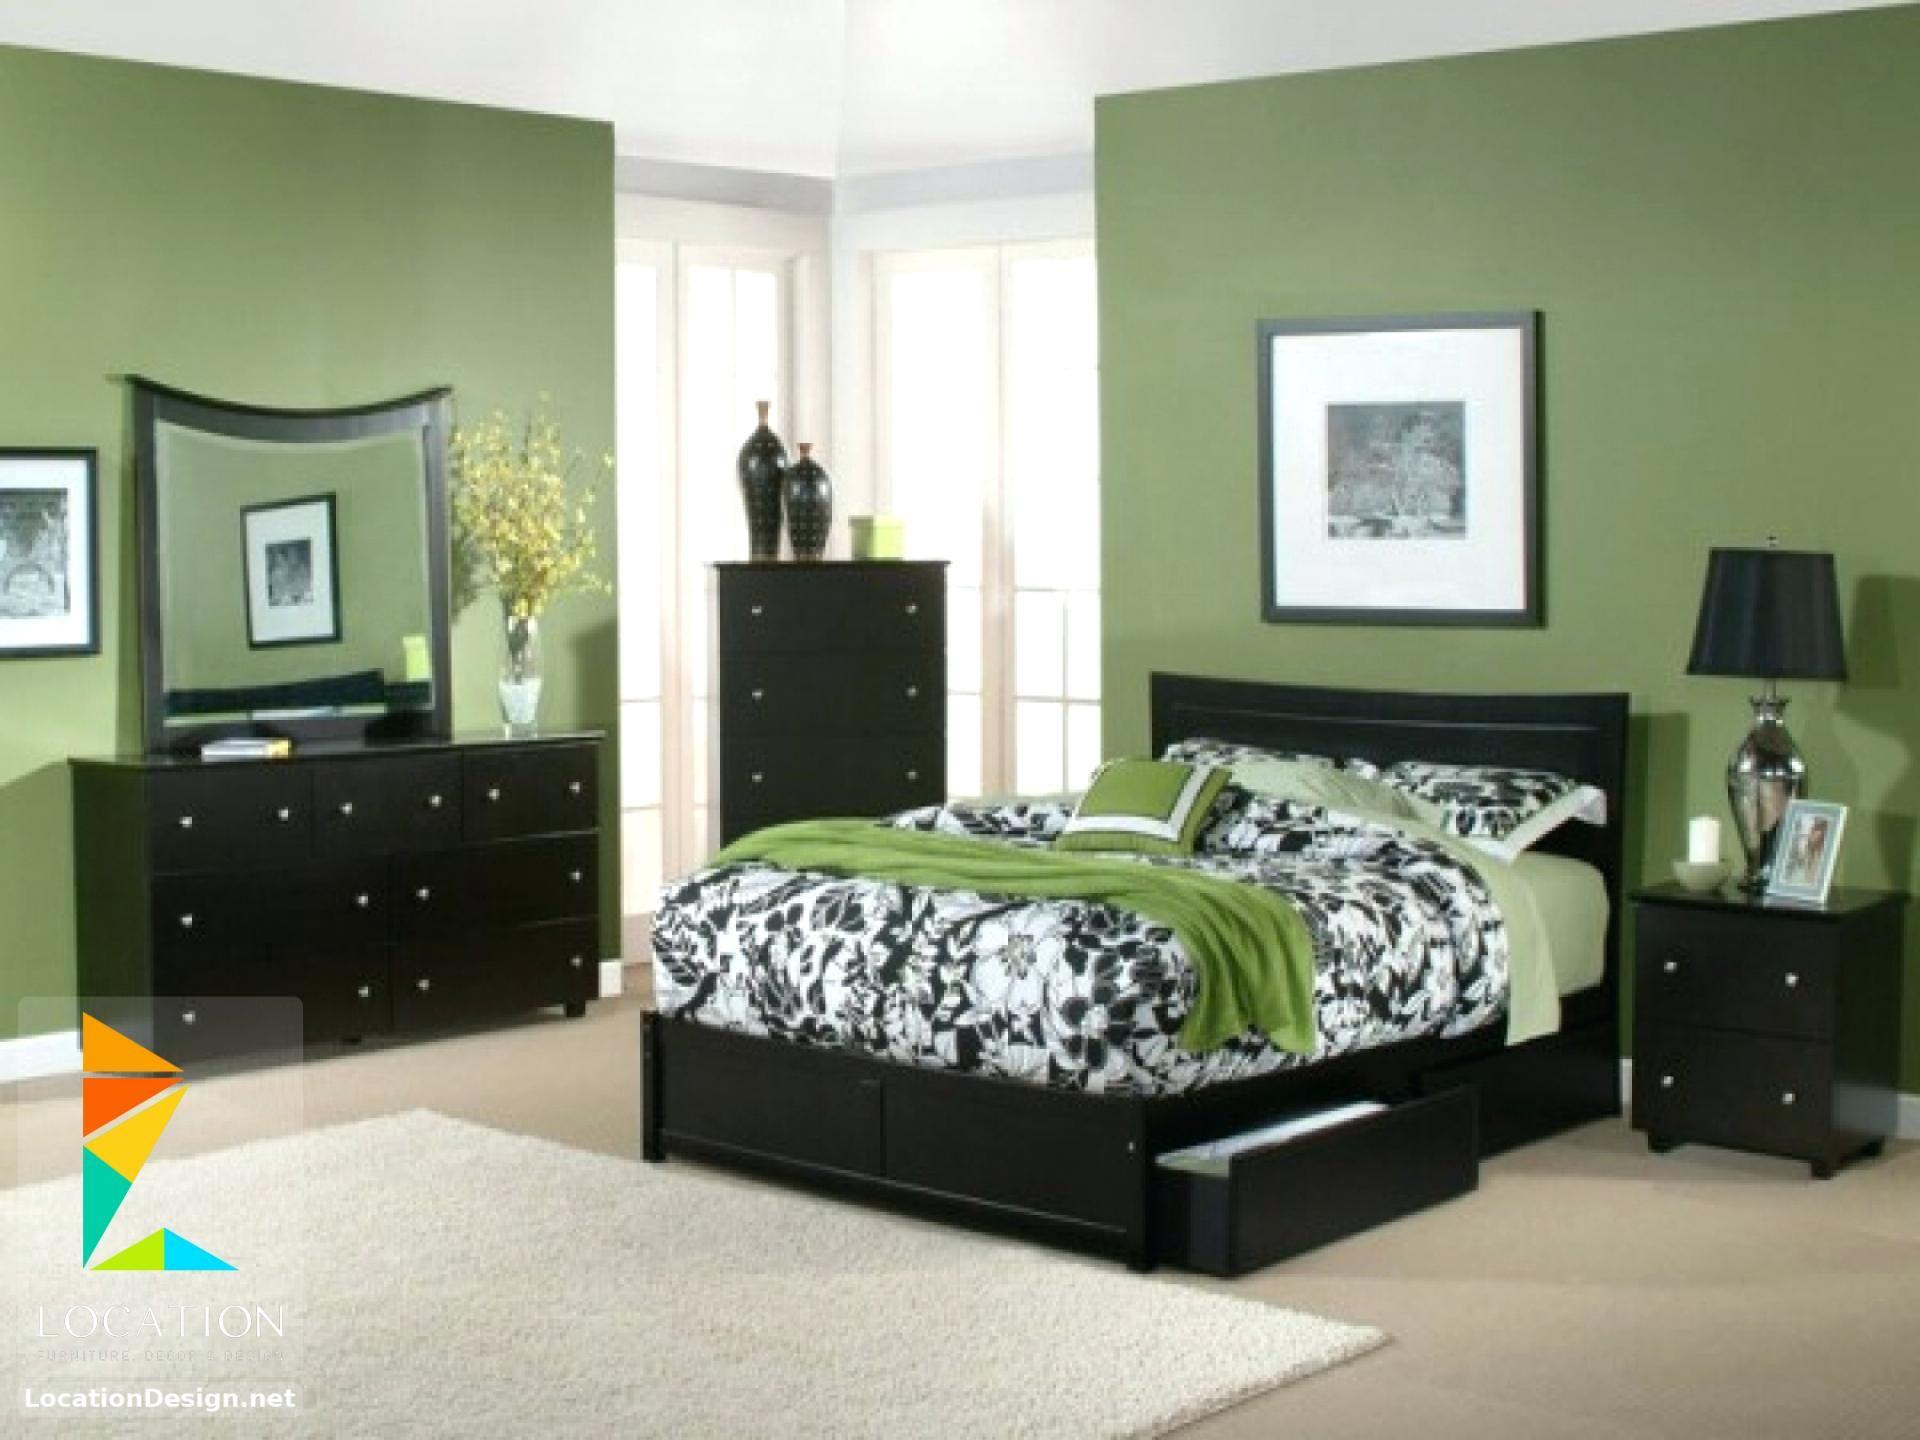 بالصور أحدث الوان دهانات غرف نوم للعرسان 2018 2019 لوكشين ديزين نت Green Bedroom Walls Bedroom Paint Colors Master Green Master Bedroom